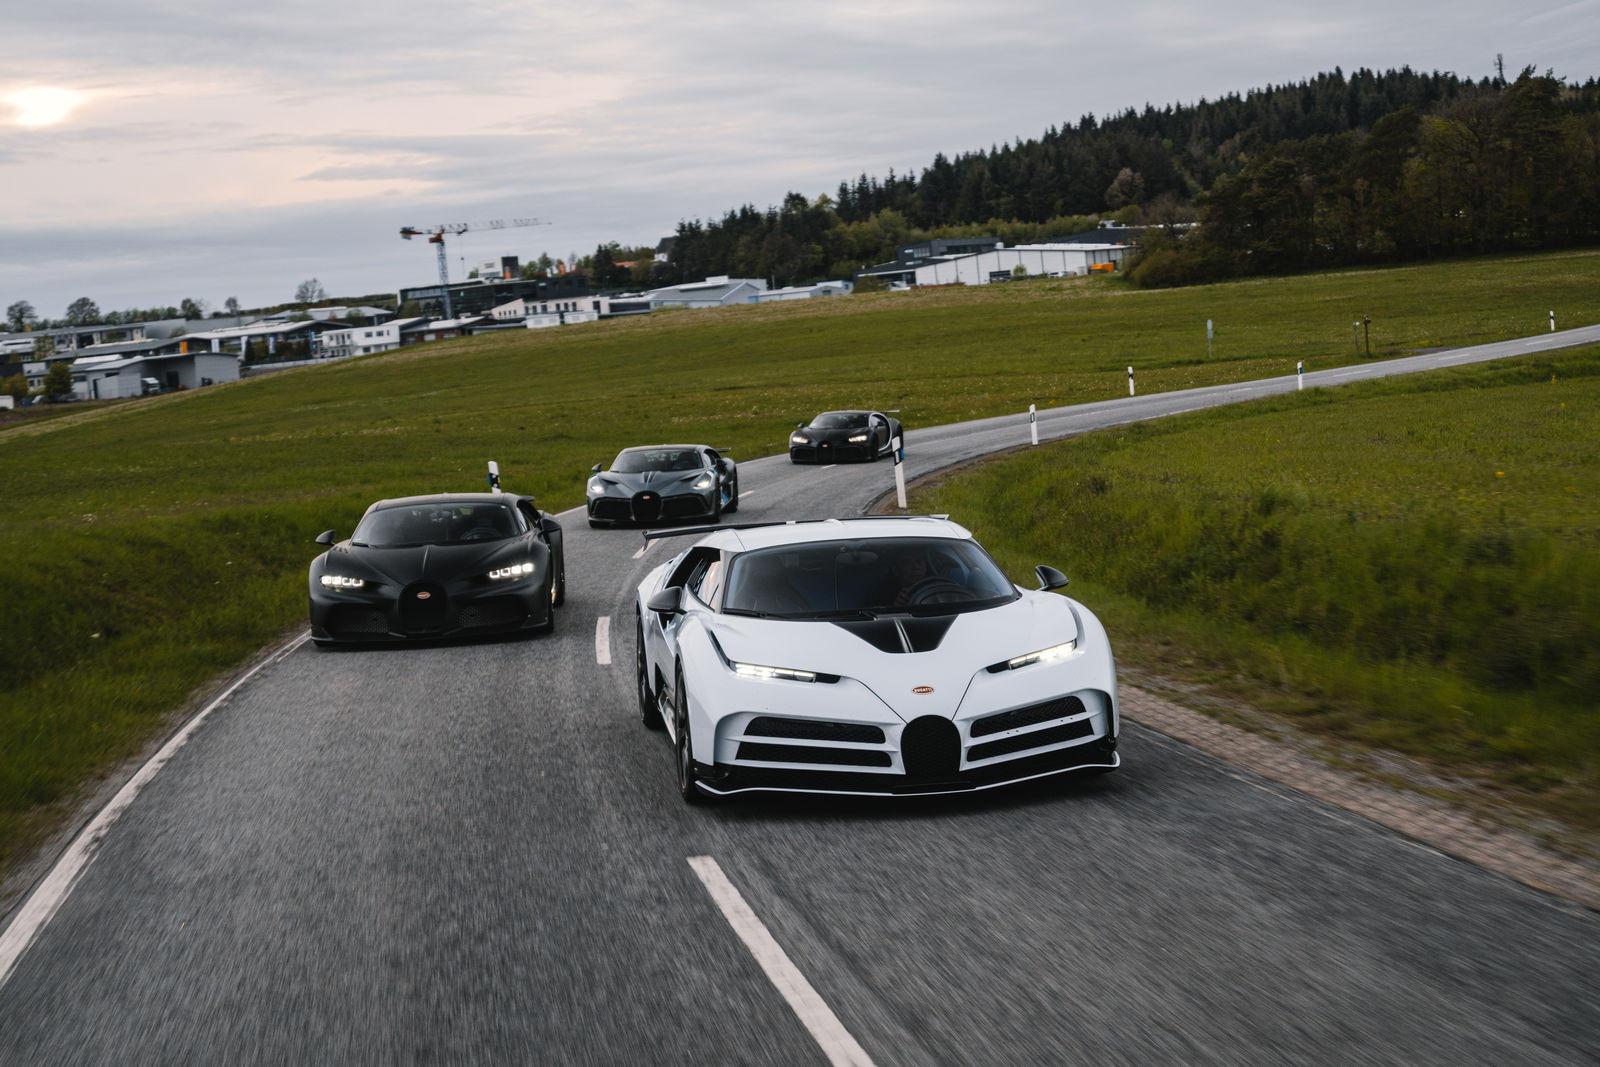 Bugatti-mang-dàn-hypercar-hơn-2-triệu-đô-đến-Nurburgring (9).jpg